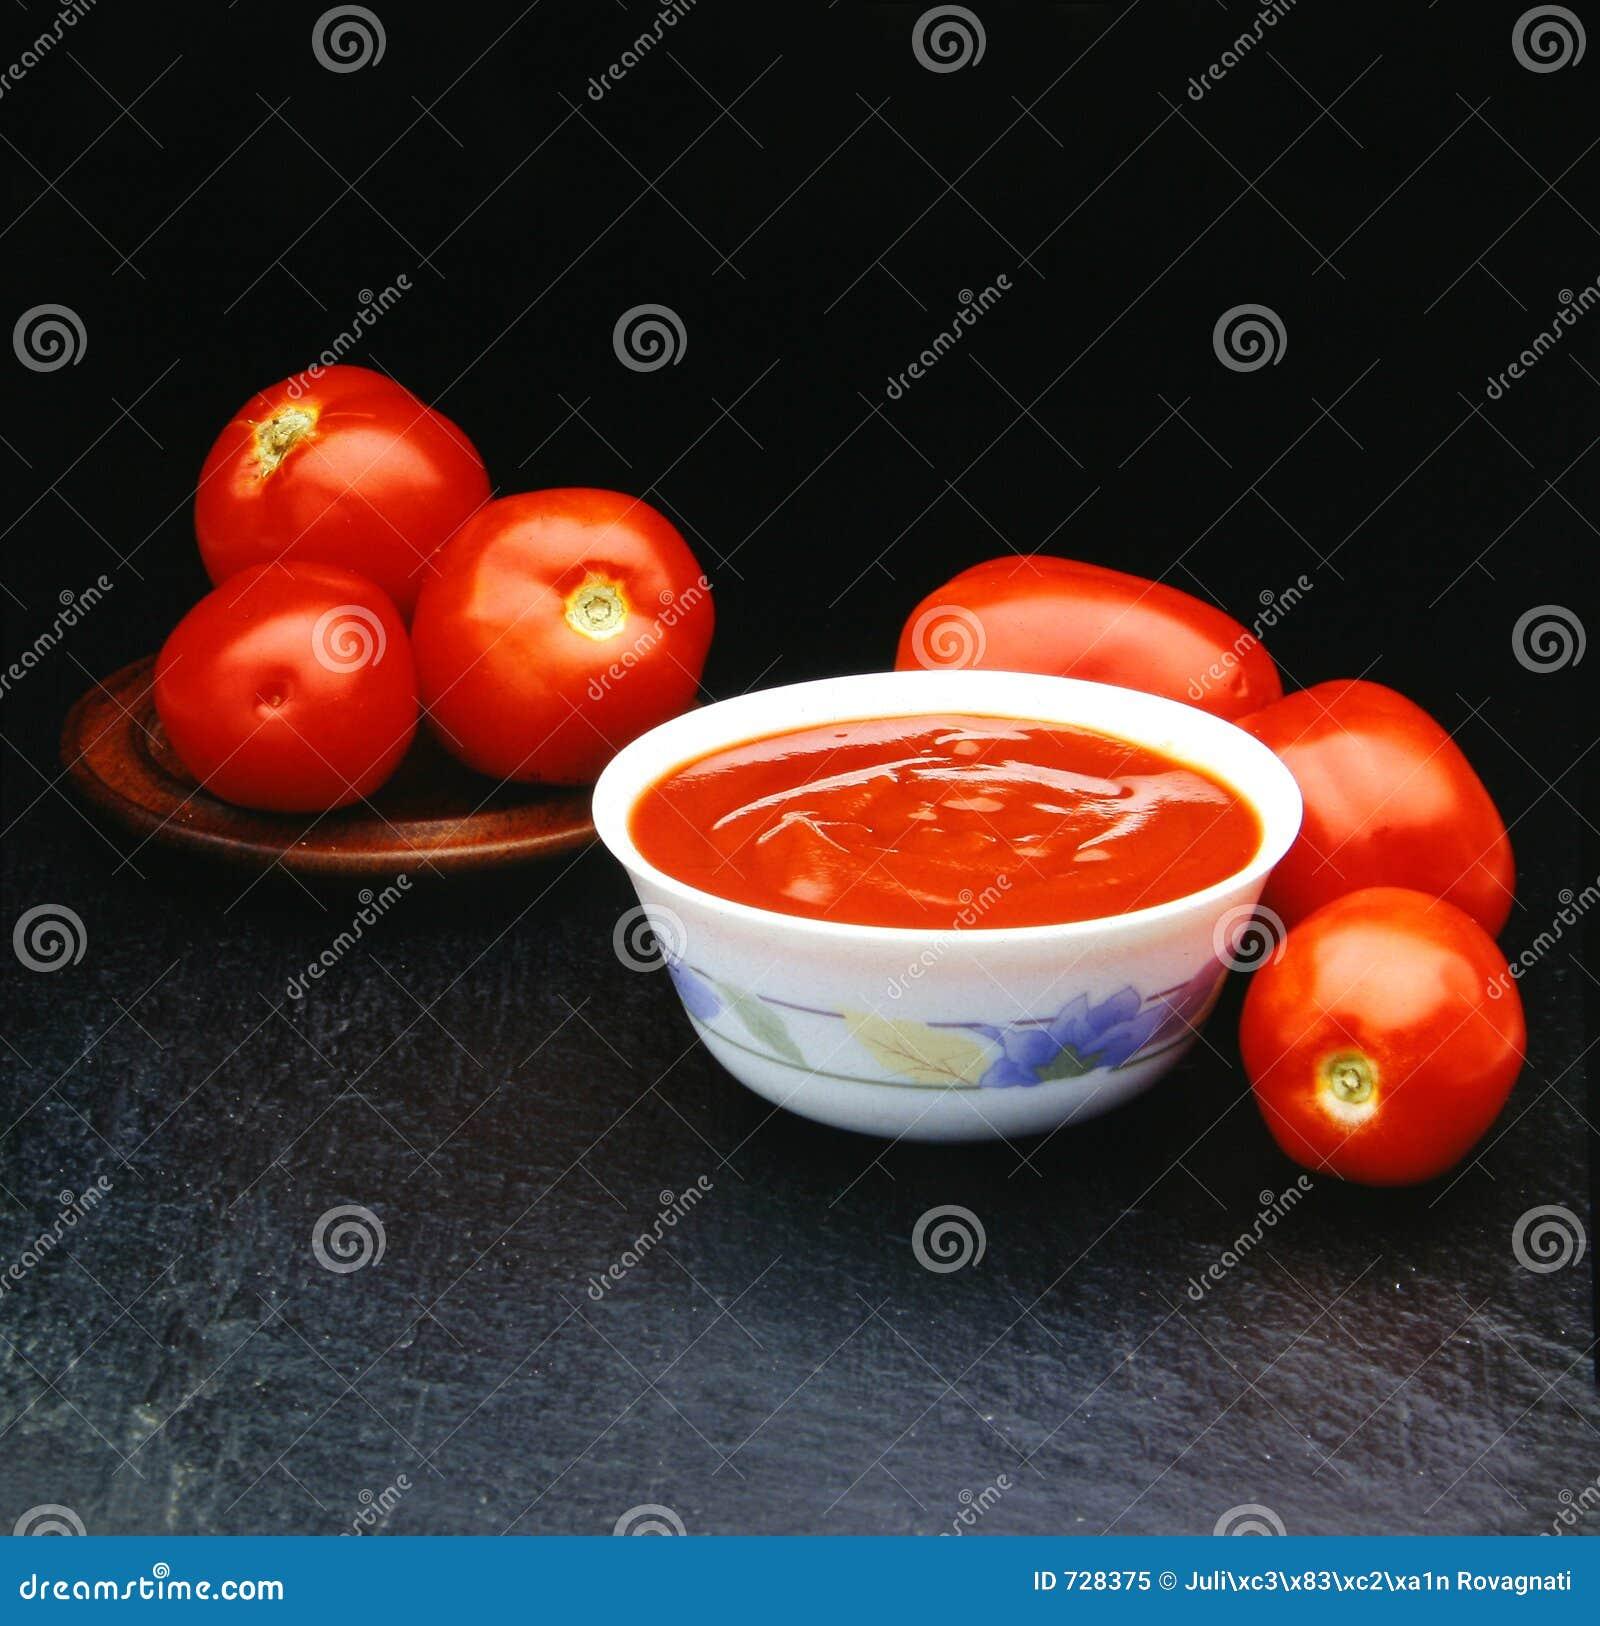 Six tomates de tomates pour un souce